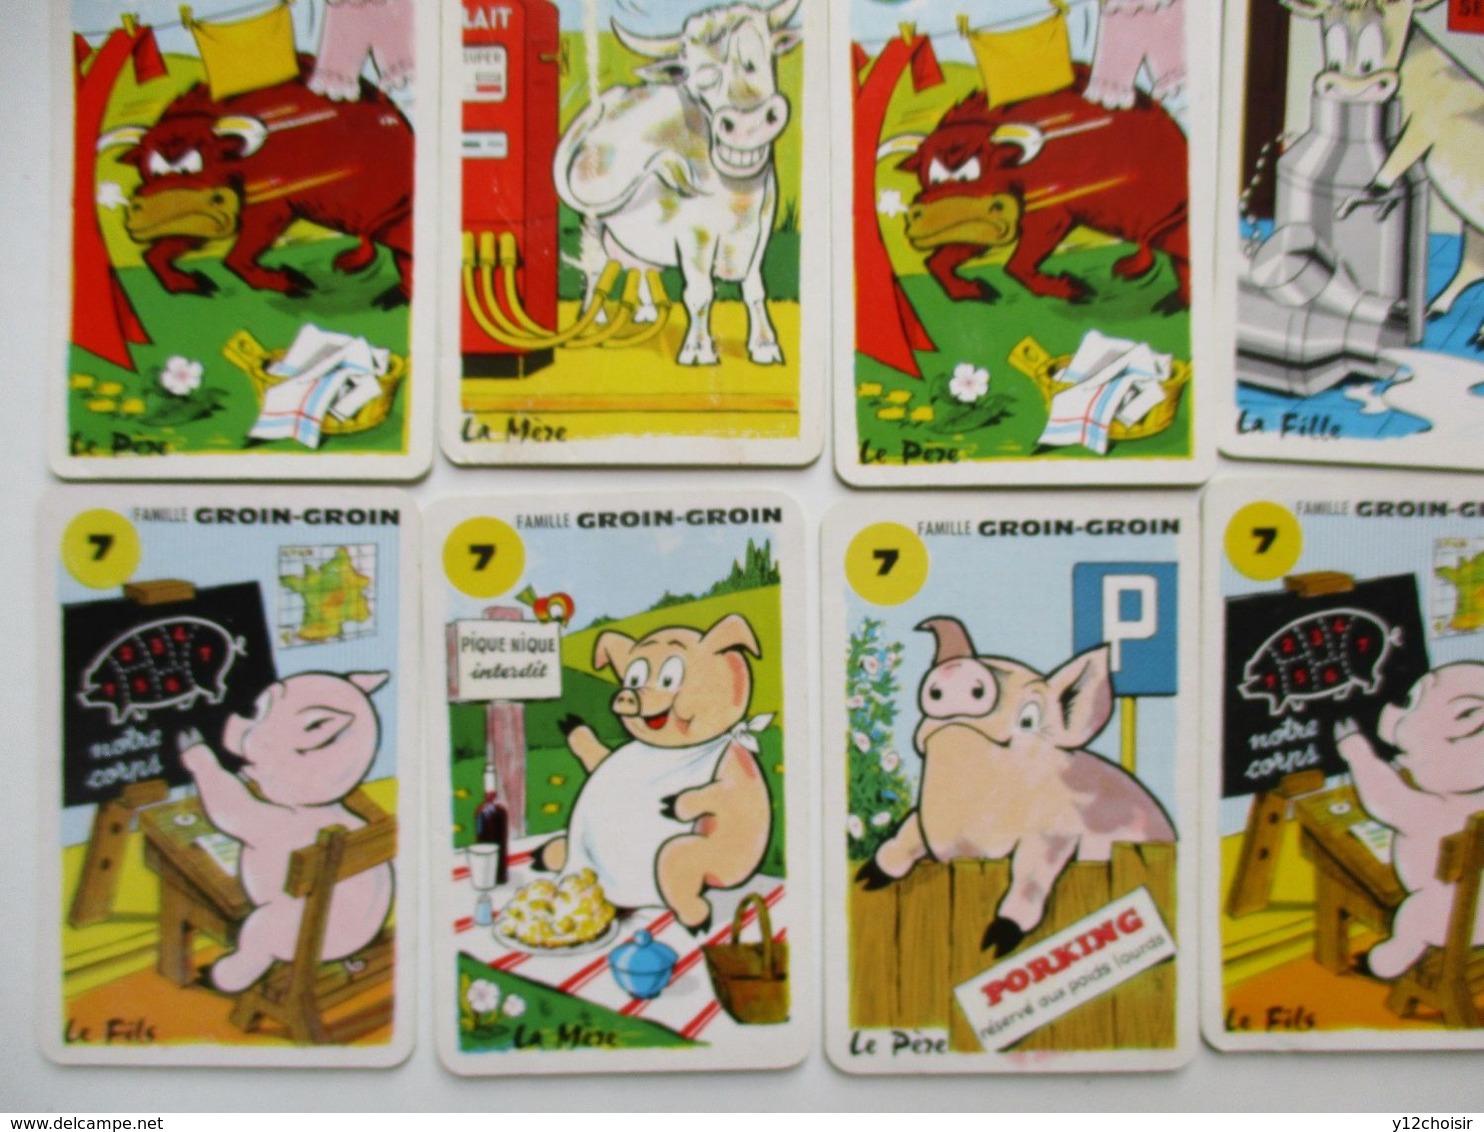 25 CARTES DE JEU DE 7 SEPT FAMILLES LES ANIMAUX CHAT POISSON PECHE CHIEN SAINT BERNARD CROIX ROUGE RHUM LAITERIE BAYEUX - Jeux De Société